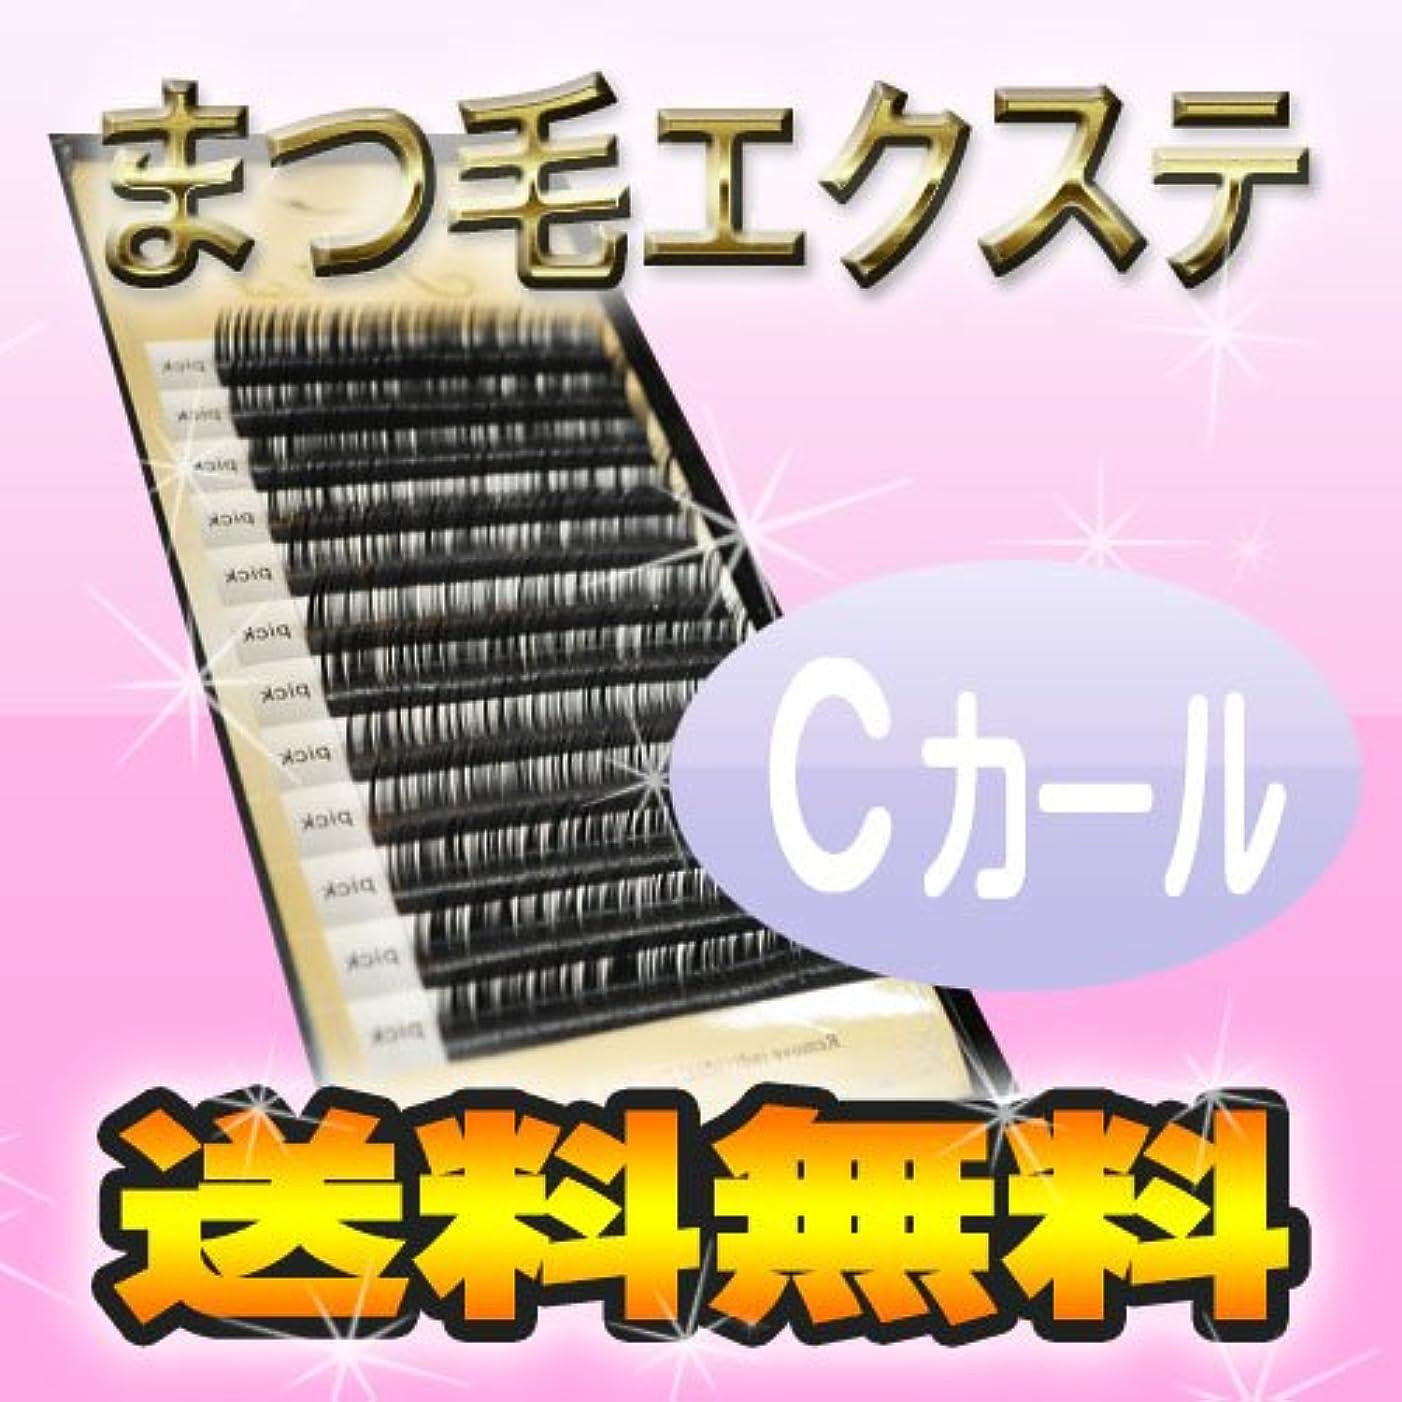 読書長さ実証する【まつげエクステ Cカール プレミアムミンク】12列 Cカール マツエク まつ毛エクステ まつエク セルフ 付けまつ毛 キット セット 業務用 アイラッシュ ミンク シルク まつ毛パーマ フラットマットラッシュ ではありません。 0.15mm,15mm